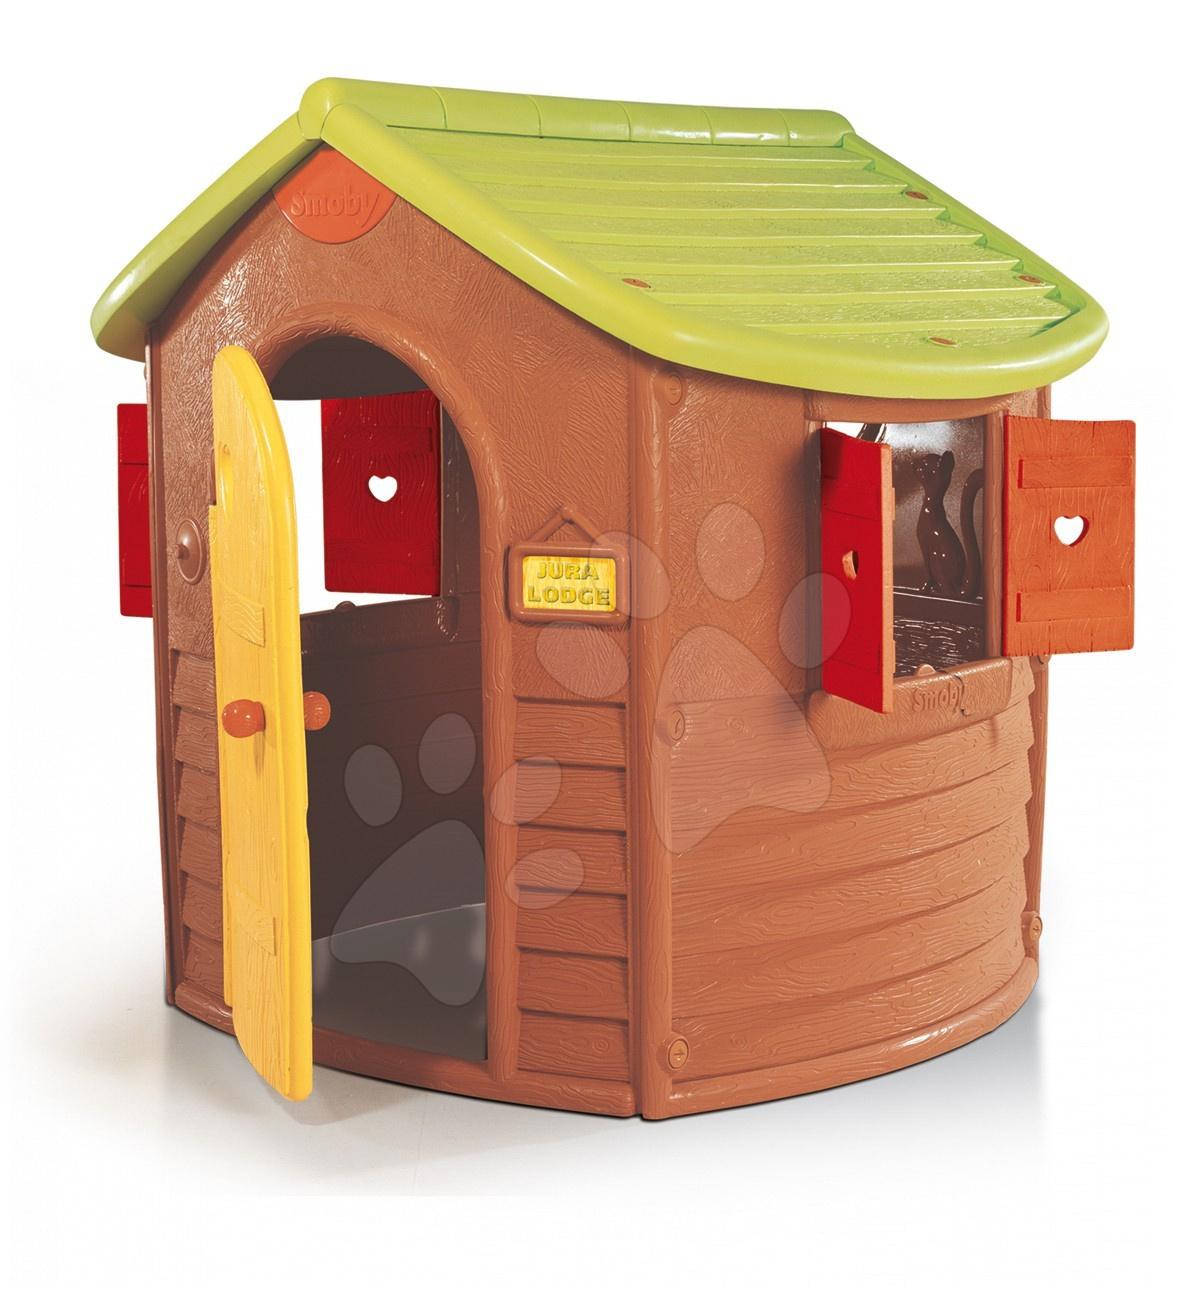 Domček Jura Lodge s okenicami Smoby hnedý s UV filtrom 132 cm vysoký od 24 mes